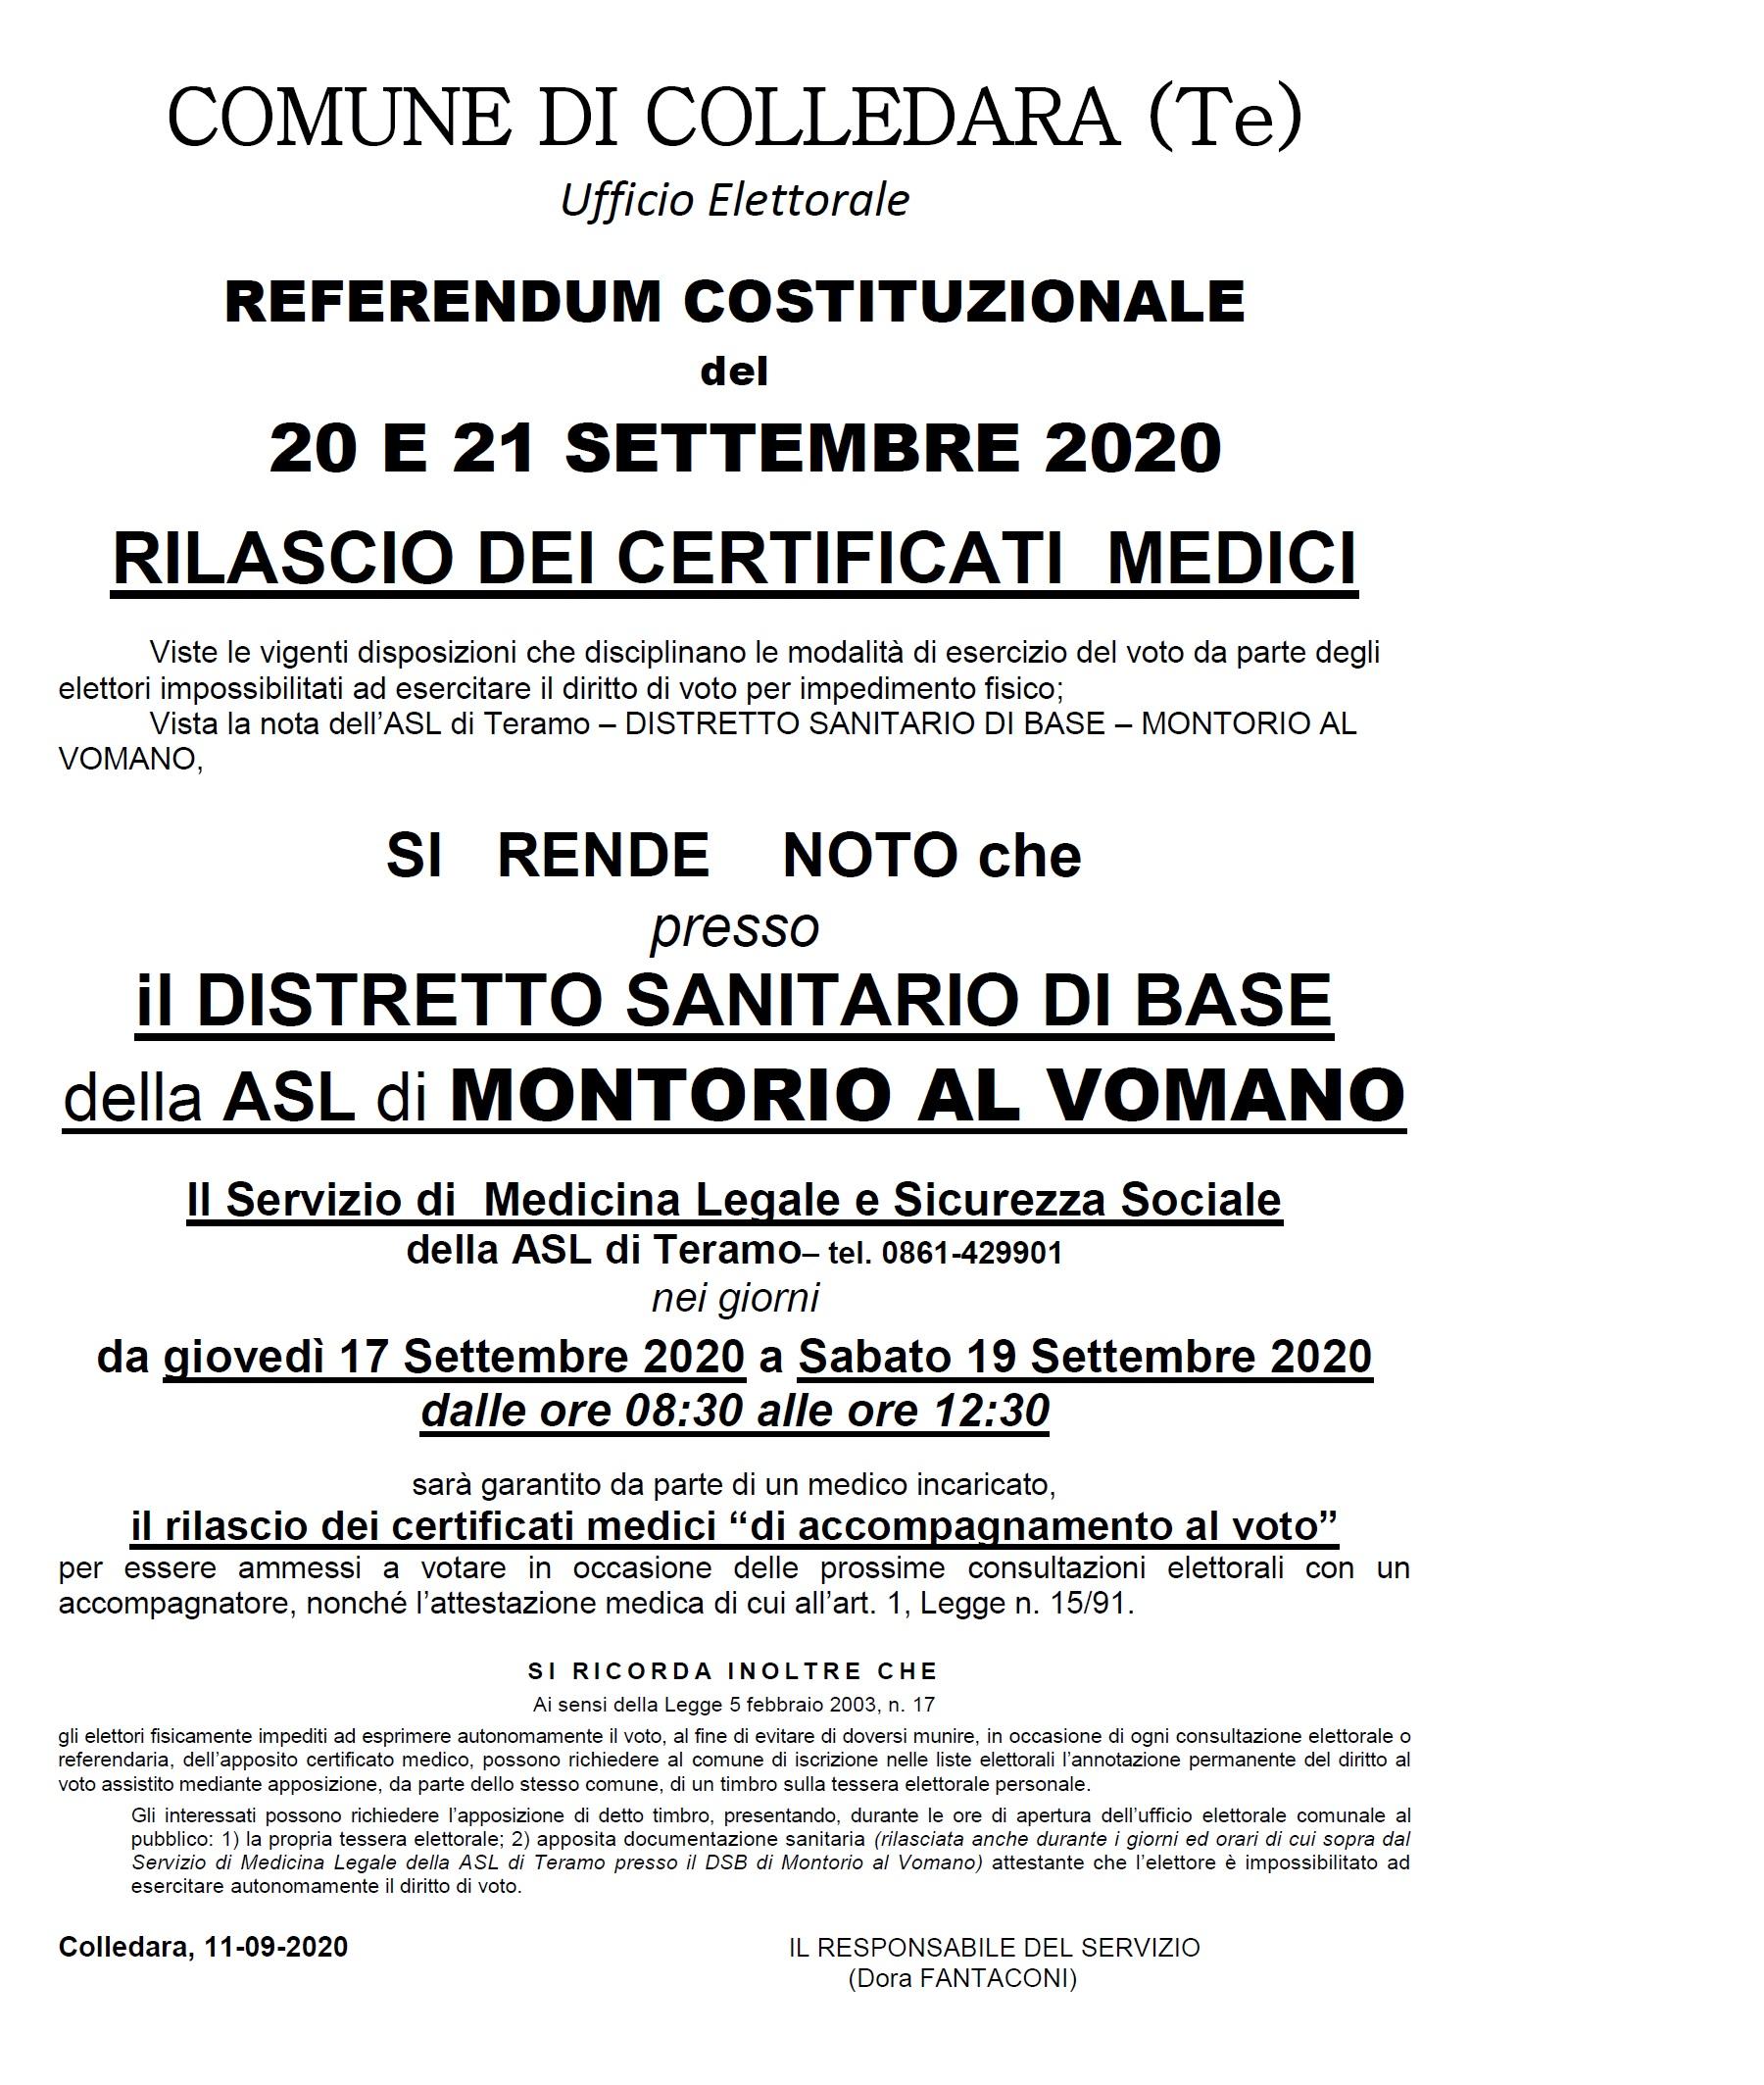 manifesto x certificati medici accompagnamento voto 2020